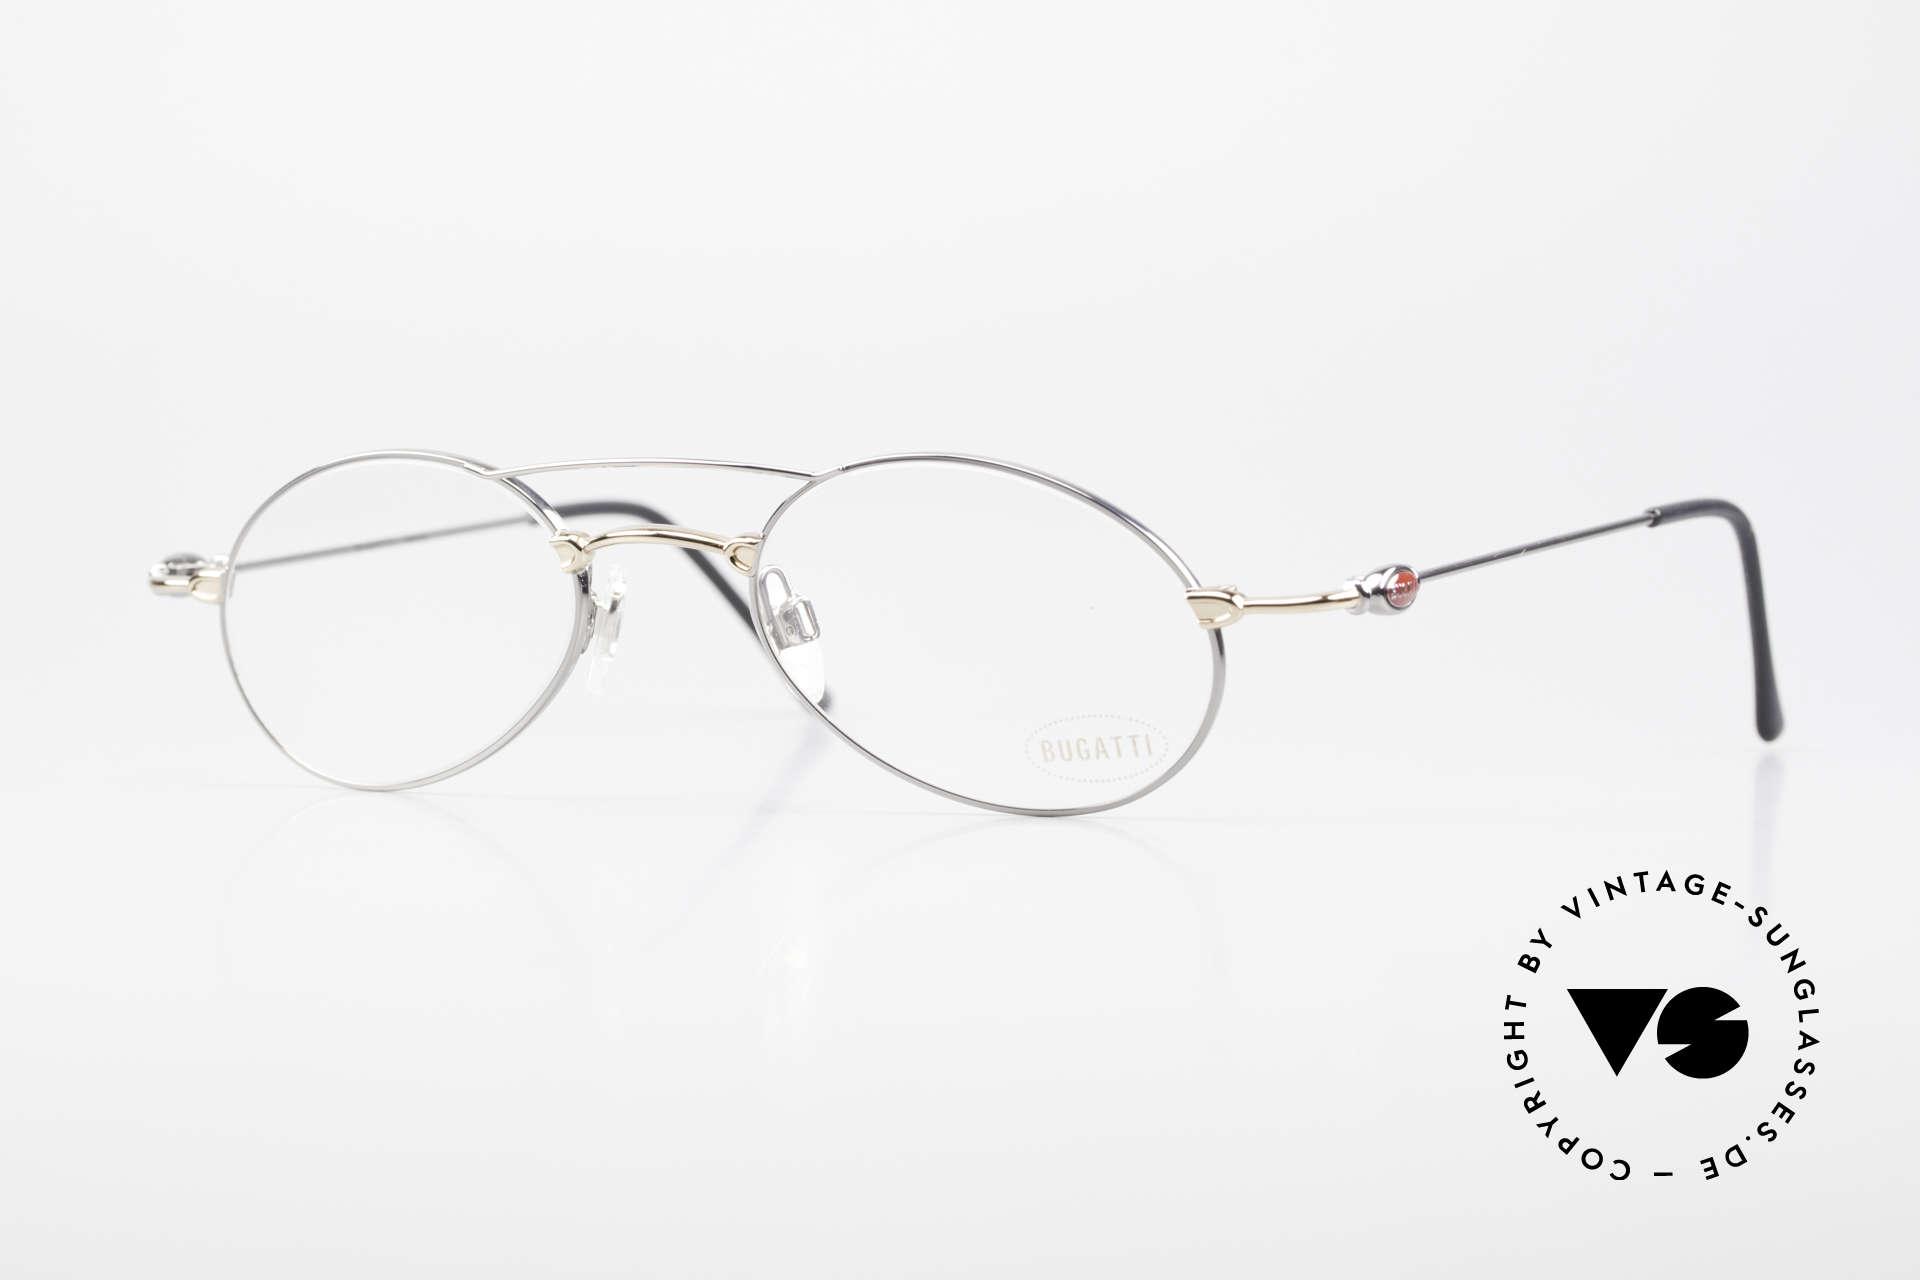 Bugatti 10892 Vintage Men's Eyeglasses 90's, very interesting men's designer glasses by BUGATTI, Made for Men